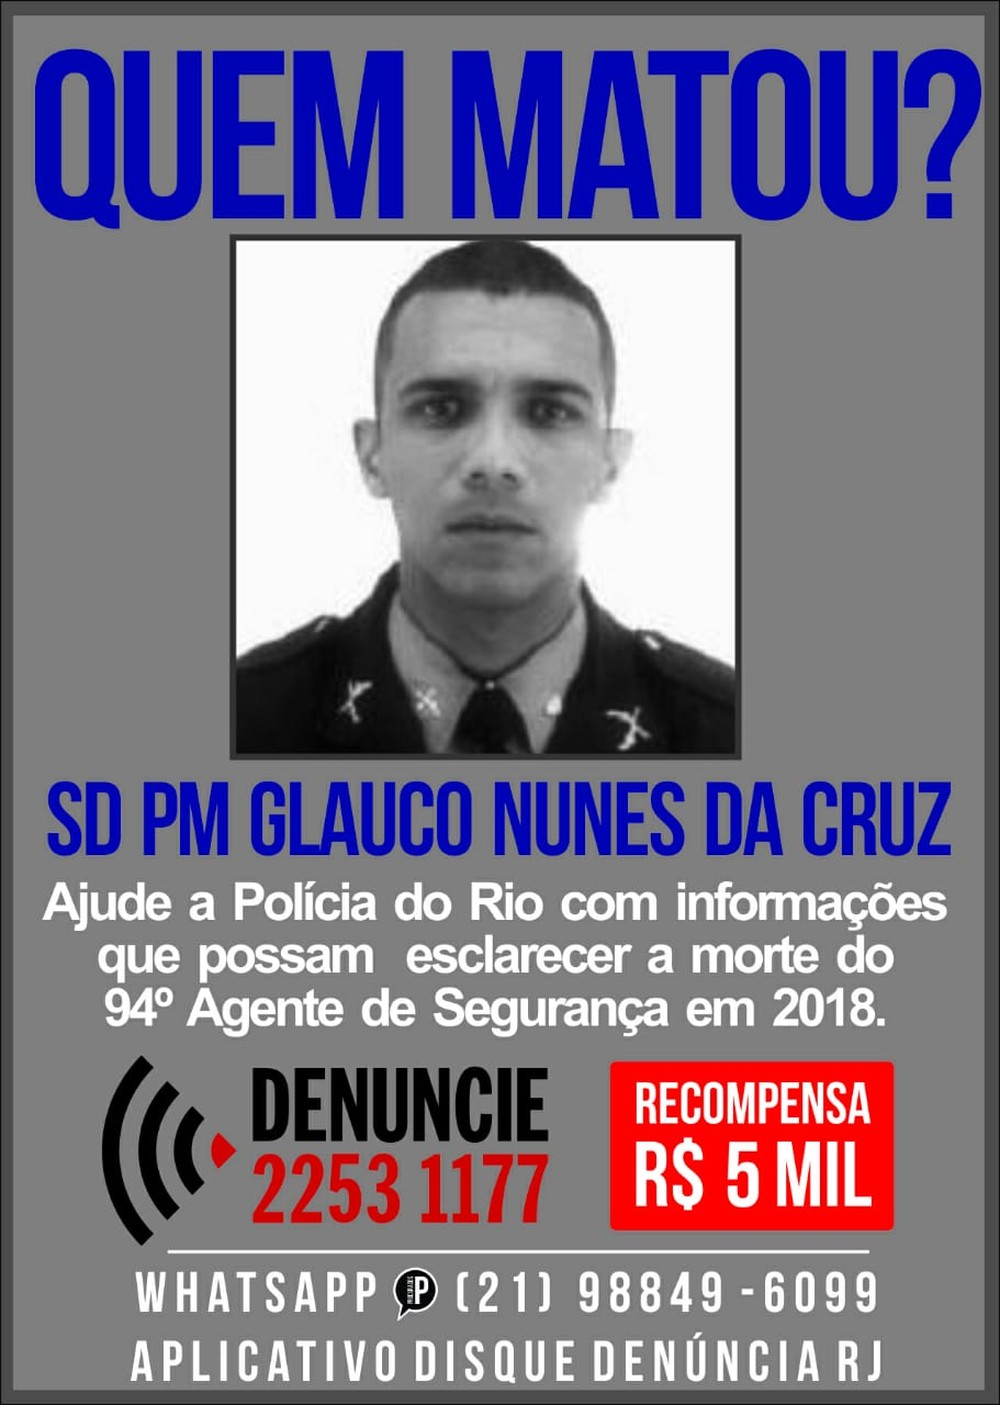 Foto: Divulgação/ Disque Denúncia